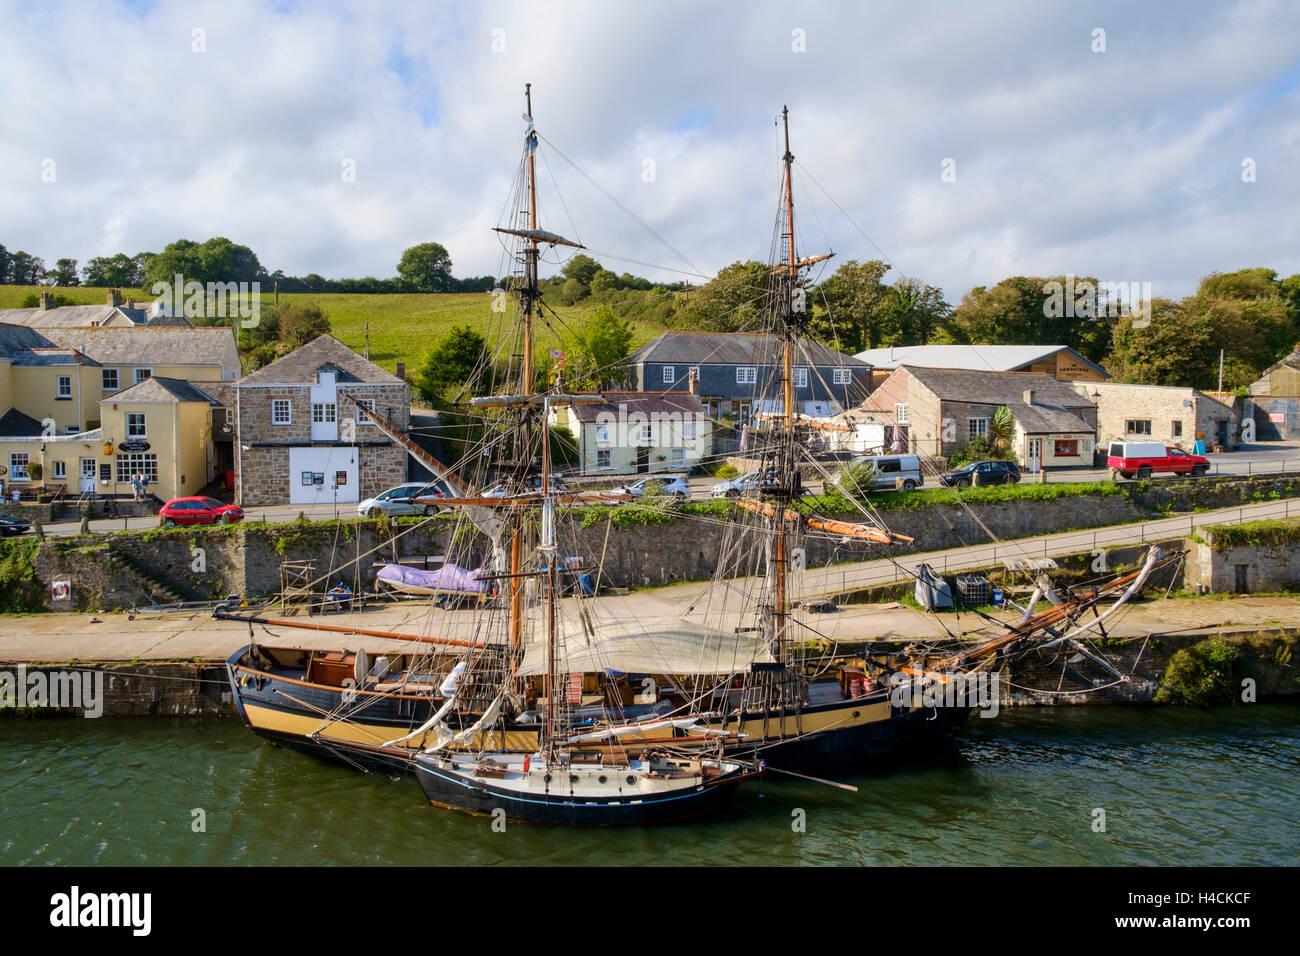 Tall navi ormeggiate nel villaggio di Charlestown Harbour, Cornwall, England, Regno Unito Immagini Stock